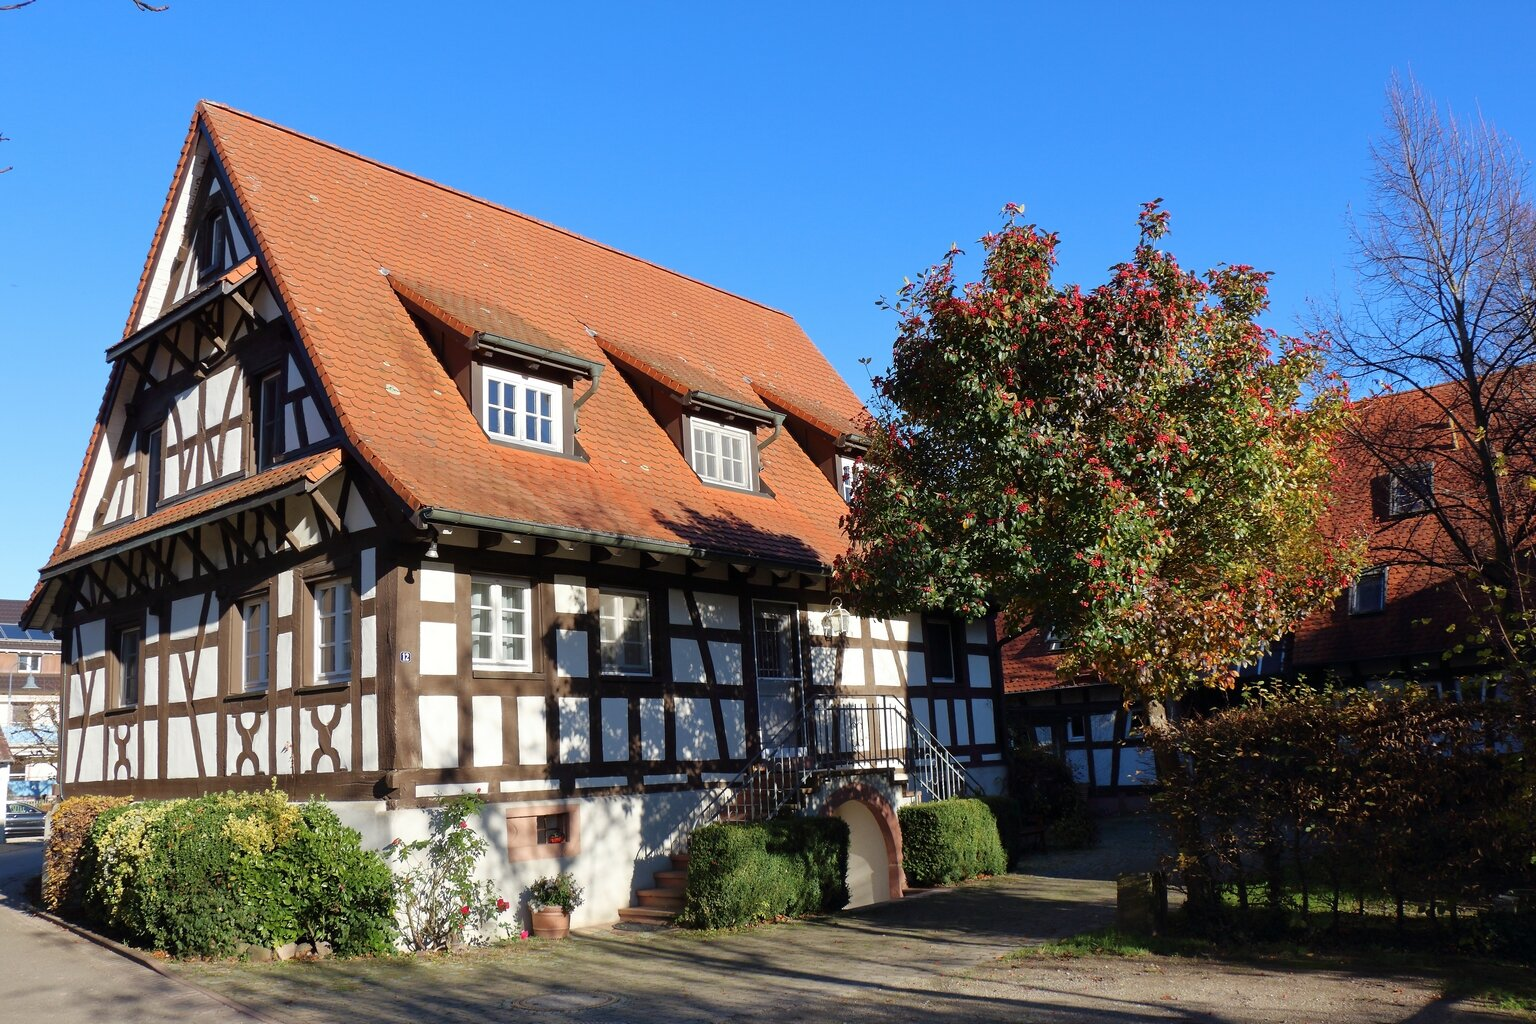 Fachwerkhaus mit Sicht zum Innenhof